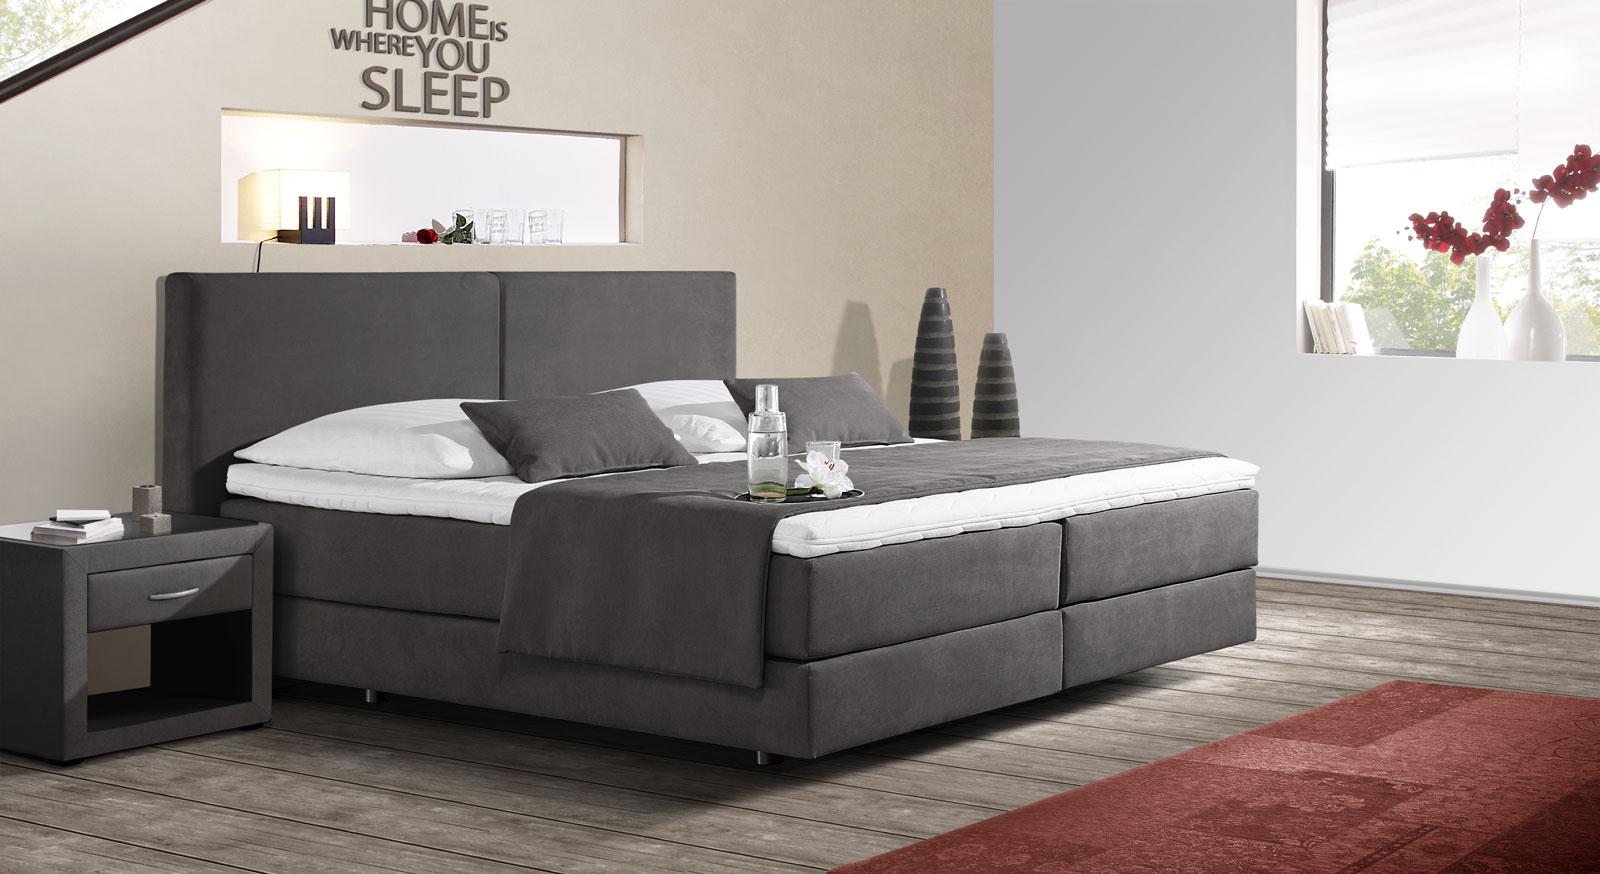 best boxspringbett ratgeber vorteile fragen beantwortet contemporary house design ideas. Black Bedroom Furniture Sets. Home Design Ideas